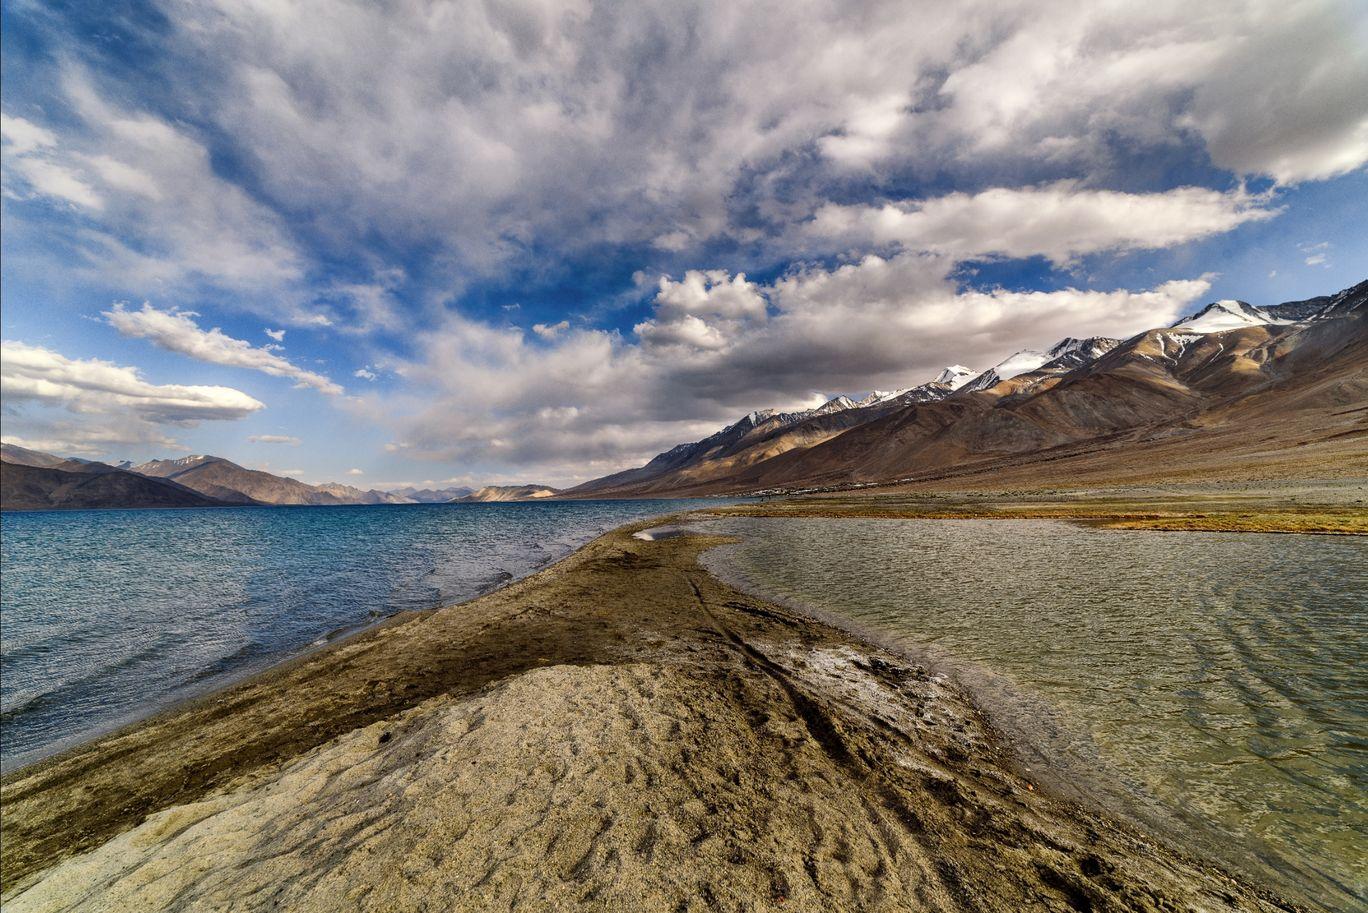 Photo of Ladakh By Prekshit Satyarthi